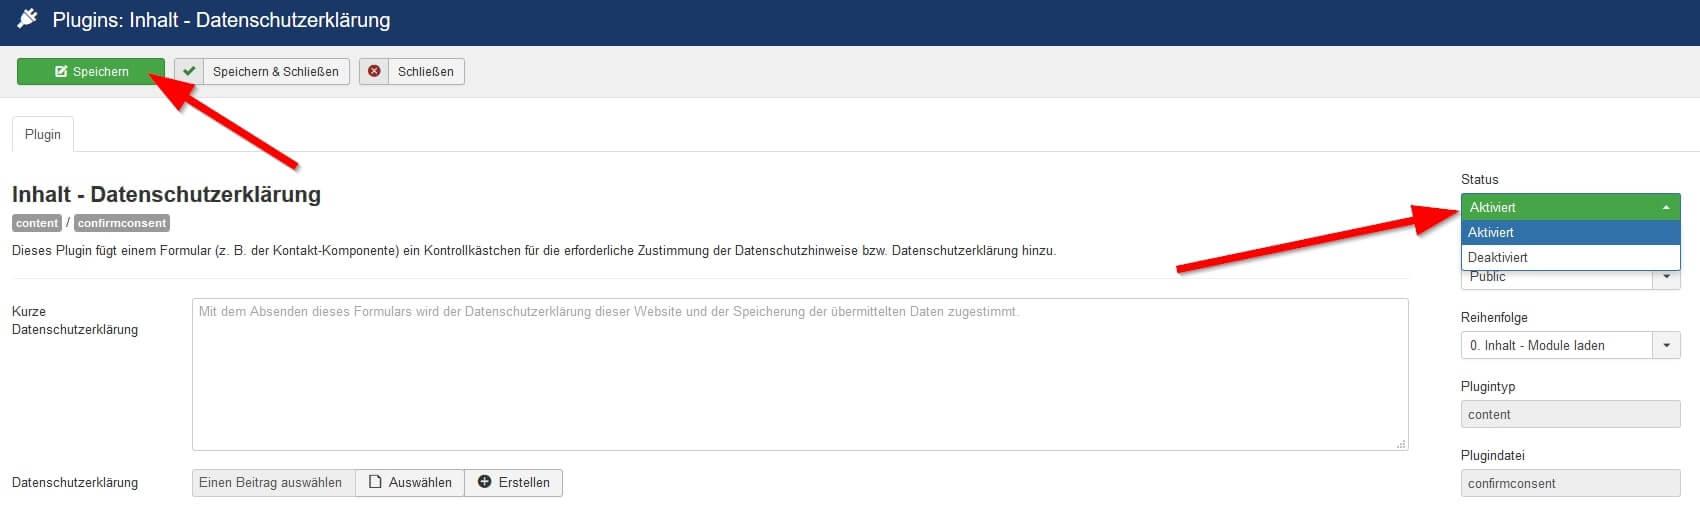 Joomla DSGVO - Ratgeber und Anleitung. Plugin: Inhalt - Datenschutzerklärung aktivieren.